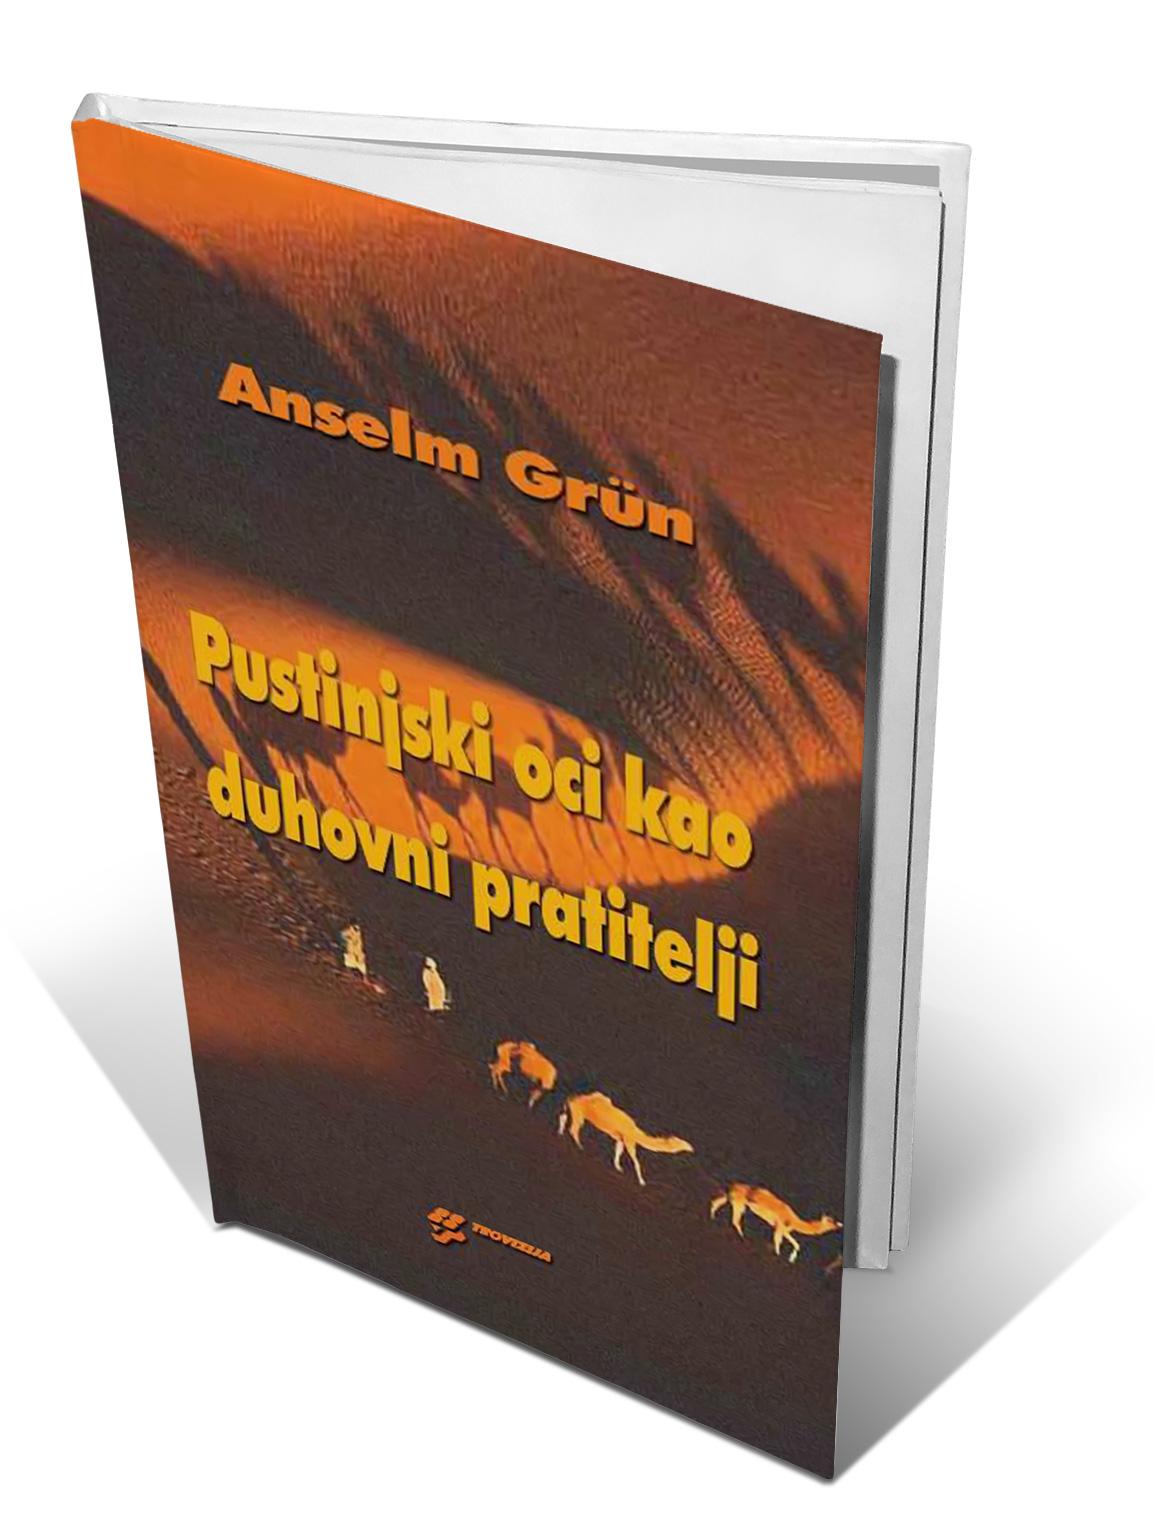 PUSTINJSKI OCI KAO DUHOVNI PRATITELJI - Anselm Grün